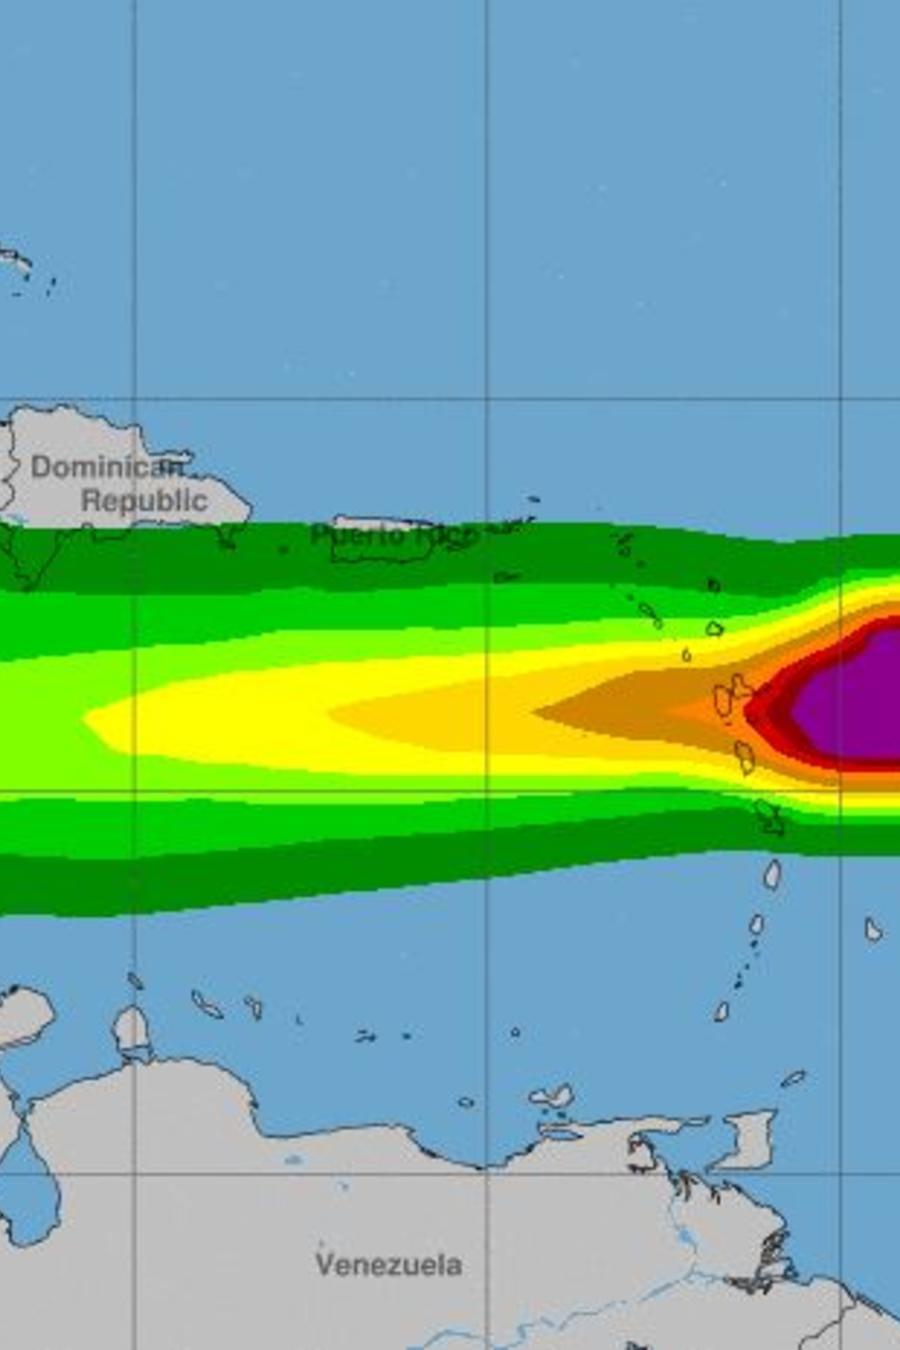 La tormenta tropical Isaac se mueve a 20 mph en su trayectoria por el mar Caribe.